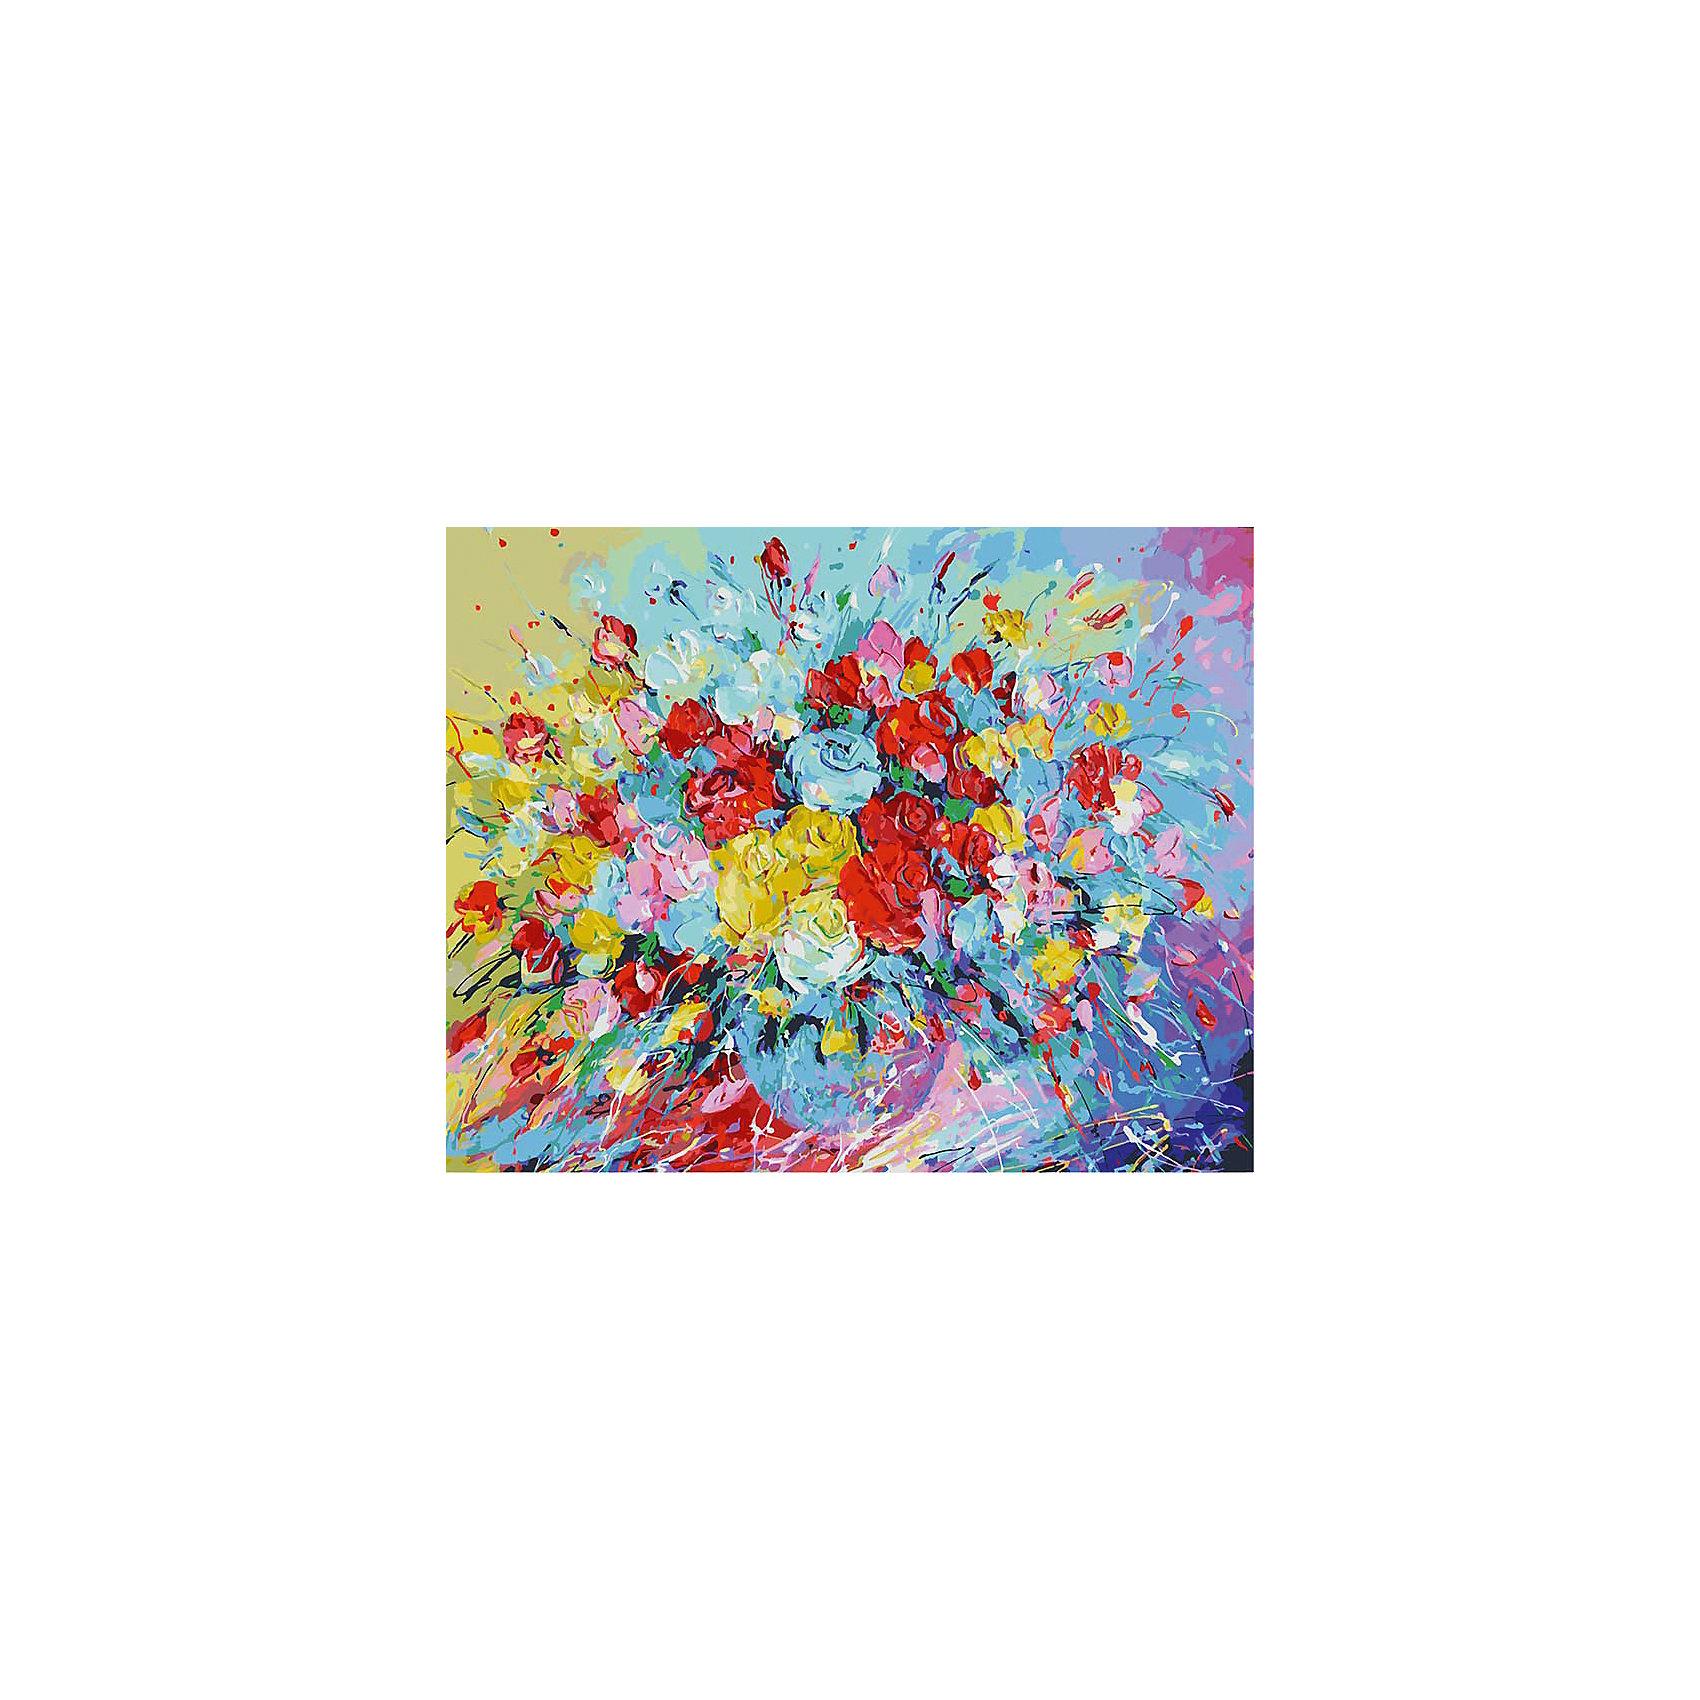 Живопись на холсте 40*50 см Фейерверк из розХарактеристики товара:<br><br>• цвет: разноцветный<br>• материал: акрил, картон<br>• размер: 50 x 40 см<br>• комплектация: полотно на подрамнике с контурами рисунка, пробный лист с рисунком, набор акриловых красок, три кисти, крепление на стену для картины<br>• для детей от шести лет и взрослых<br>• не требует специальных навыков<br>• страна бренда: Китай<br>• страна изготовитель: Китай<br><br>Такой набор станет отличным подарком и для взрослого, и для ребенка! Рисование помогает развить различные навыки и просто приносит удовольствие! Чтобы вселить в ребенка уверенность в своих силах, можно предложить ему этот набор - в нем уже есть сюжет, контуры рисунка и участки с номерами, которые обозначают определенную краску из набора. Все оттенки уже готовы, задача художника - аккуратно, с помощью кисточек из набора, нанести краски на определенный участок полотна.<br>Взрослым также понравится этот процесс, рисовать можно и вместе с малышом! В итоге получается красивая картина, которой можно украсить интерьер. Рисование способствует развитию мелкой моторики, воображения, цветовосприятия, творческих способностей и усидчивости. Набор отлично проработан, сделан из качественных и проверенных материалов, которые безопасны для детей. Краски - акриловые, они быстро сохнут и легко смываются с кожи.<br><br>Живопись на холсте 40*50 см Фейерверк из роз от торговой марки Белоснежка можно купить в нашем интернет-магазине.<br><br>Ширина мм: 510<br>Глубина мм: 410<br>Высота мм: 25<br>Вес г: 850<br>Возраст от месяцев: 72<br>Возраст до месяцев: 144<br>Пол: Унисекс<br>Возраст: Детский<br>SKU: 5089714